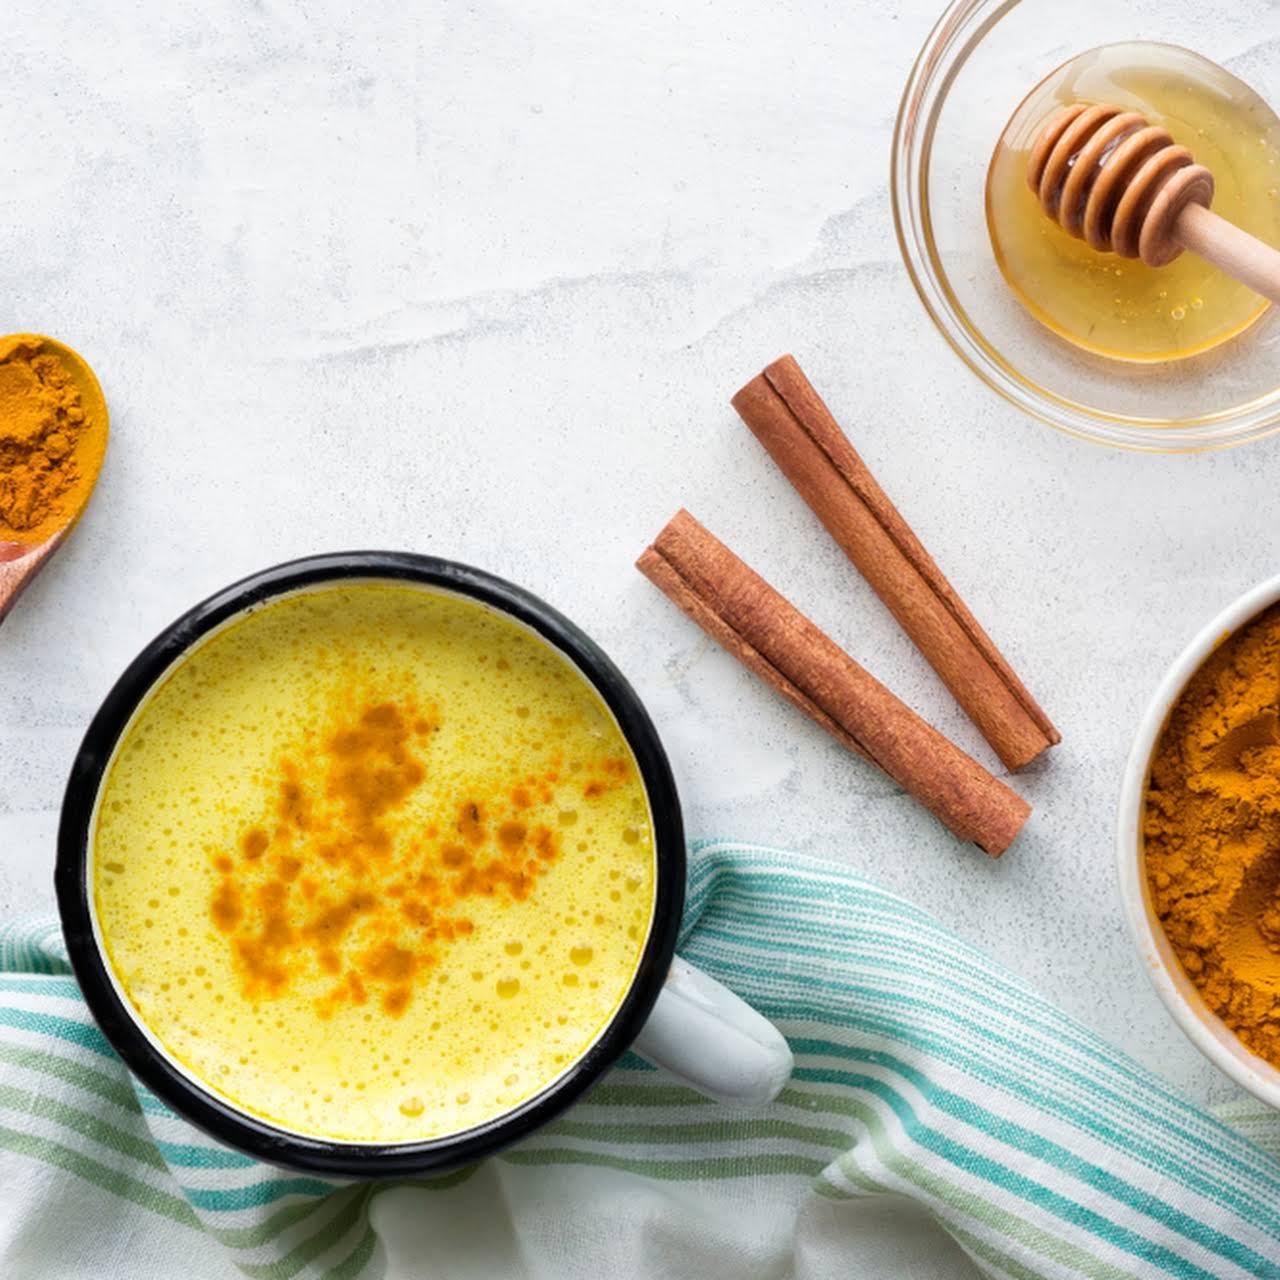 Golden Milk Spice  blend